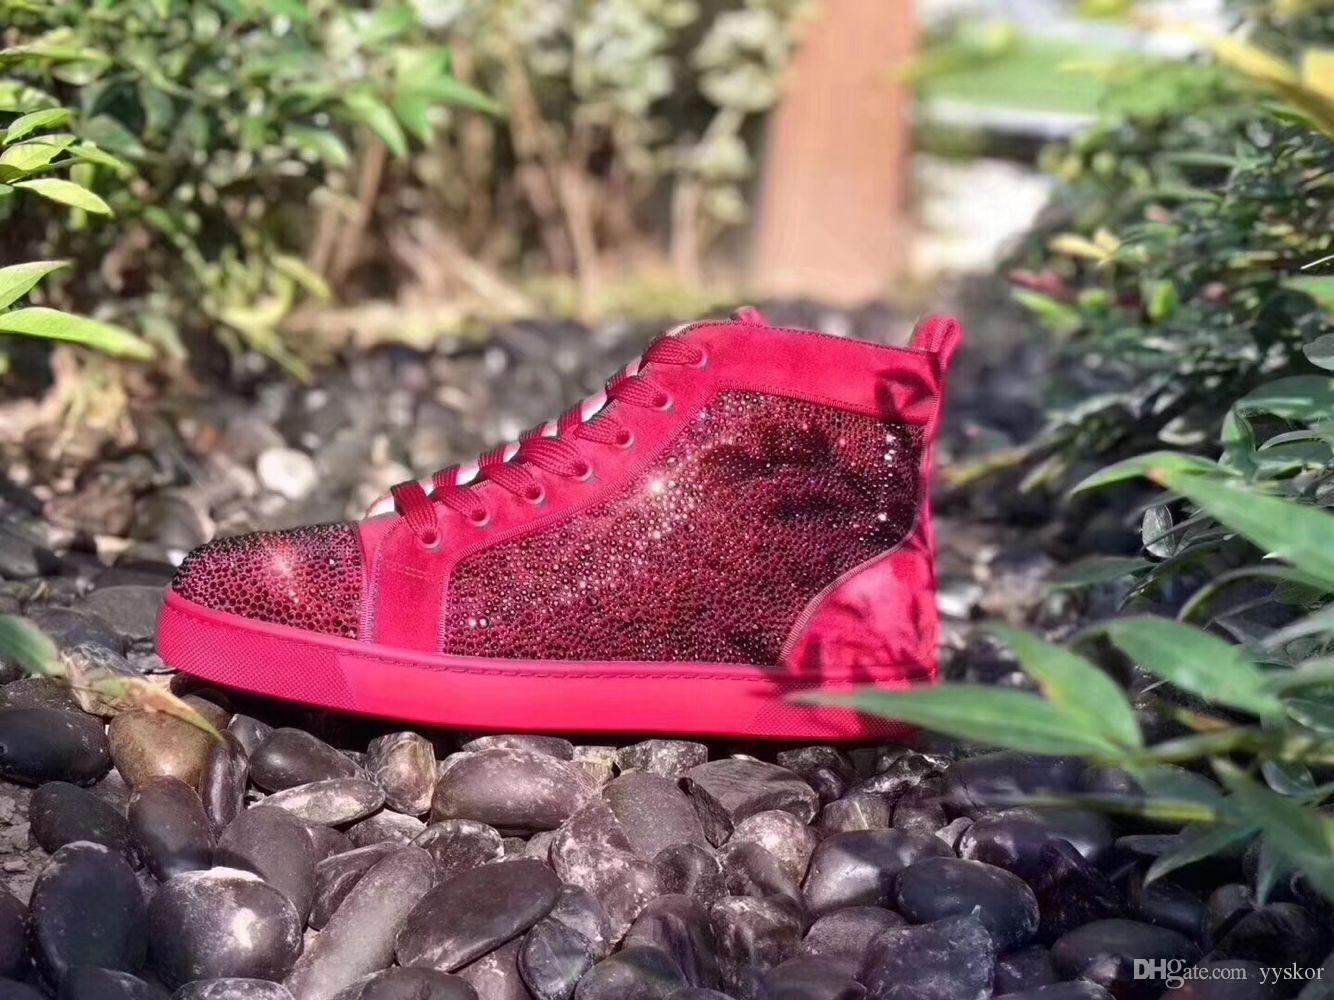 Erkekler Kadınlar İçin En Kalite Tasarımcı Kırmızı Bottoms spor ayakkabısı süet Glitter Flats Genç Ayakkabı Tasarımcısı Lüks eğlence eğitmen ayakkabı